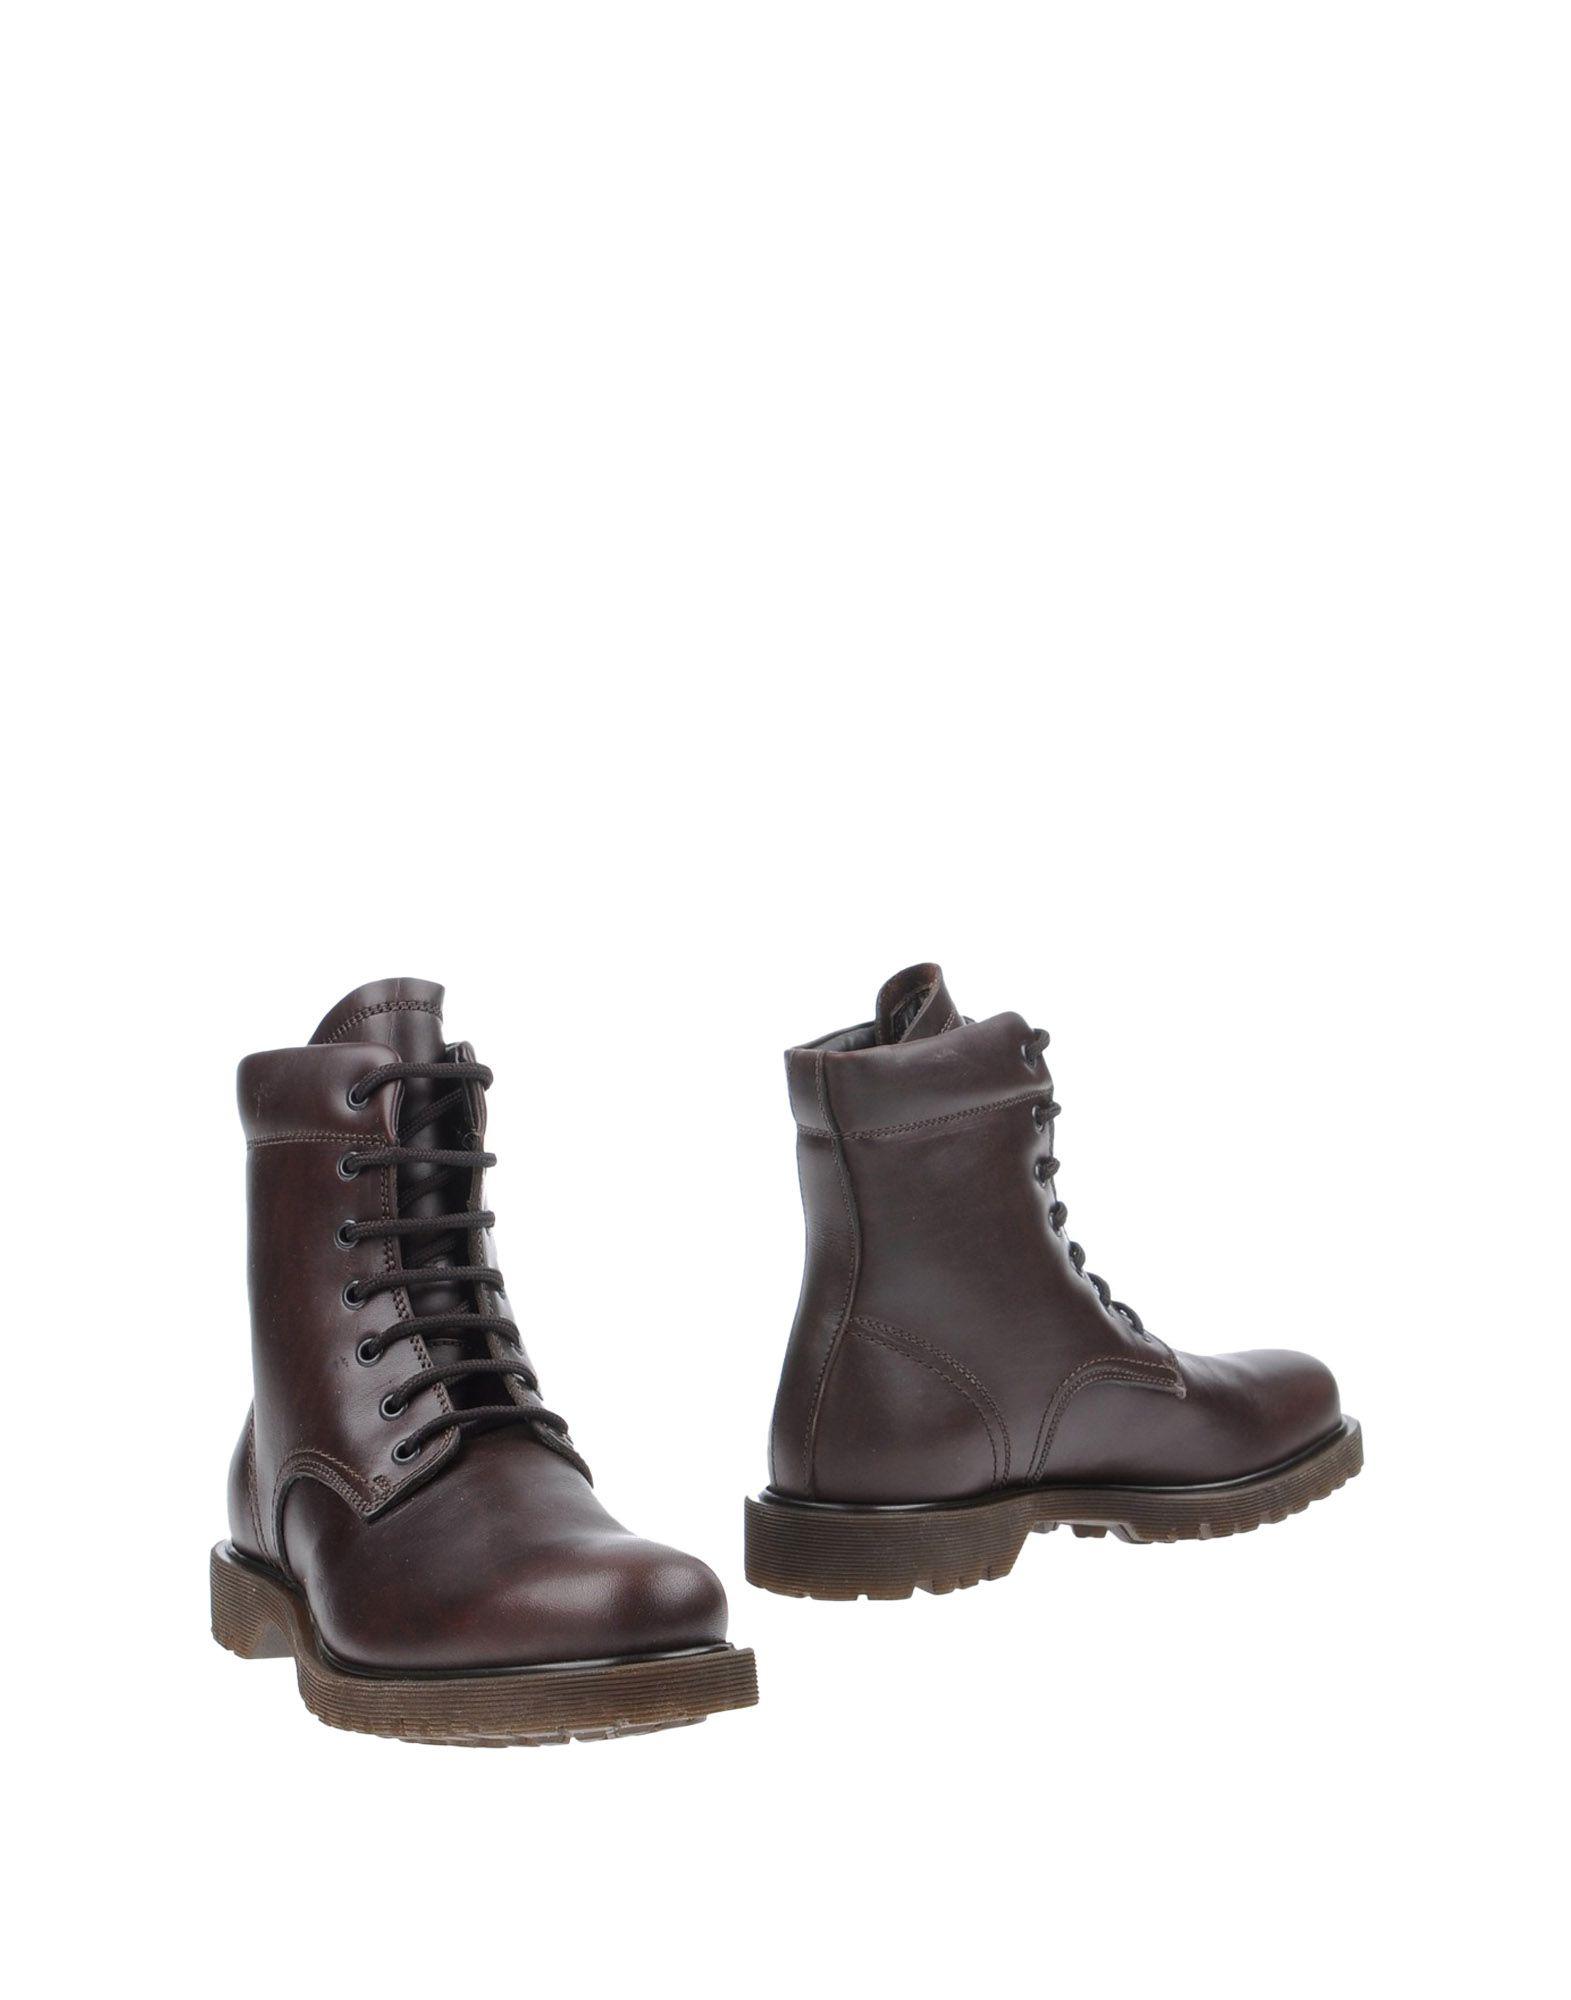 PANTOFOLA D'ORO Полусапоги и высокие ботинки ecco® полусапоги и высокие ботинки